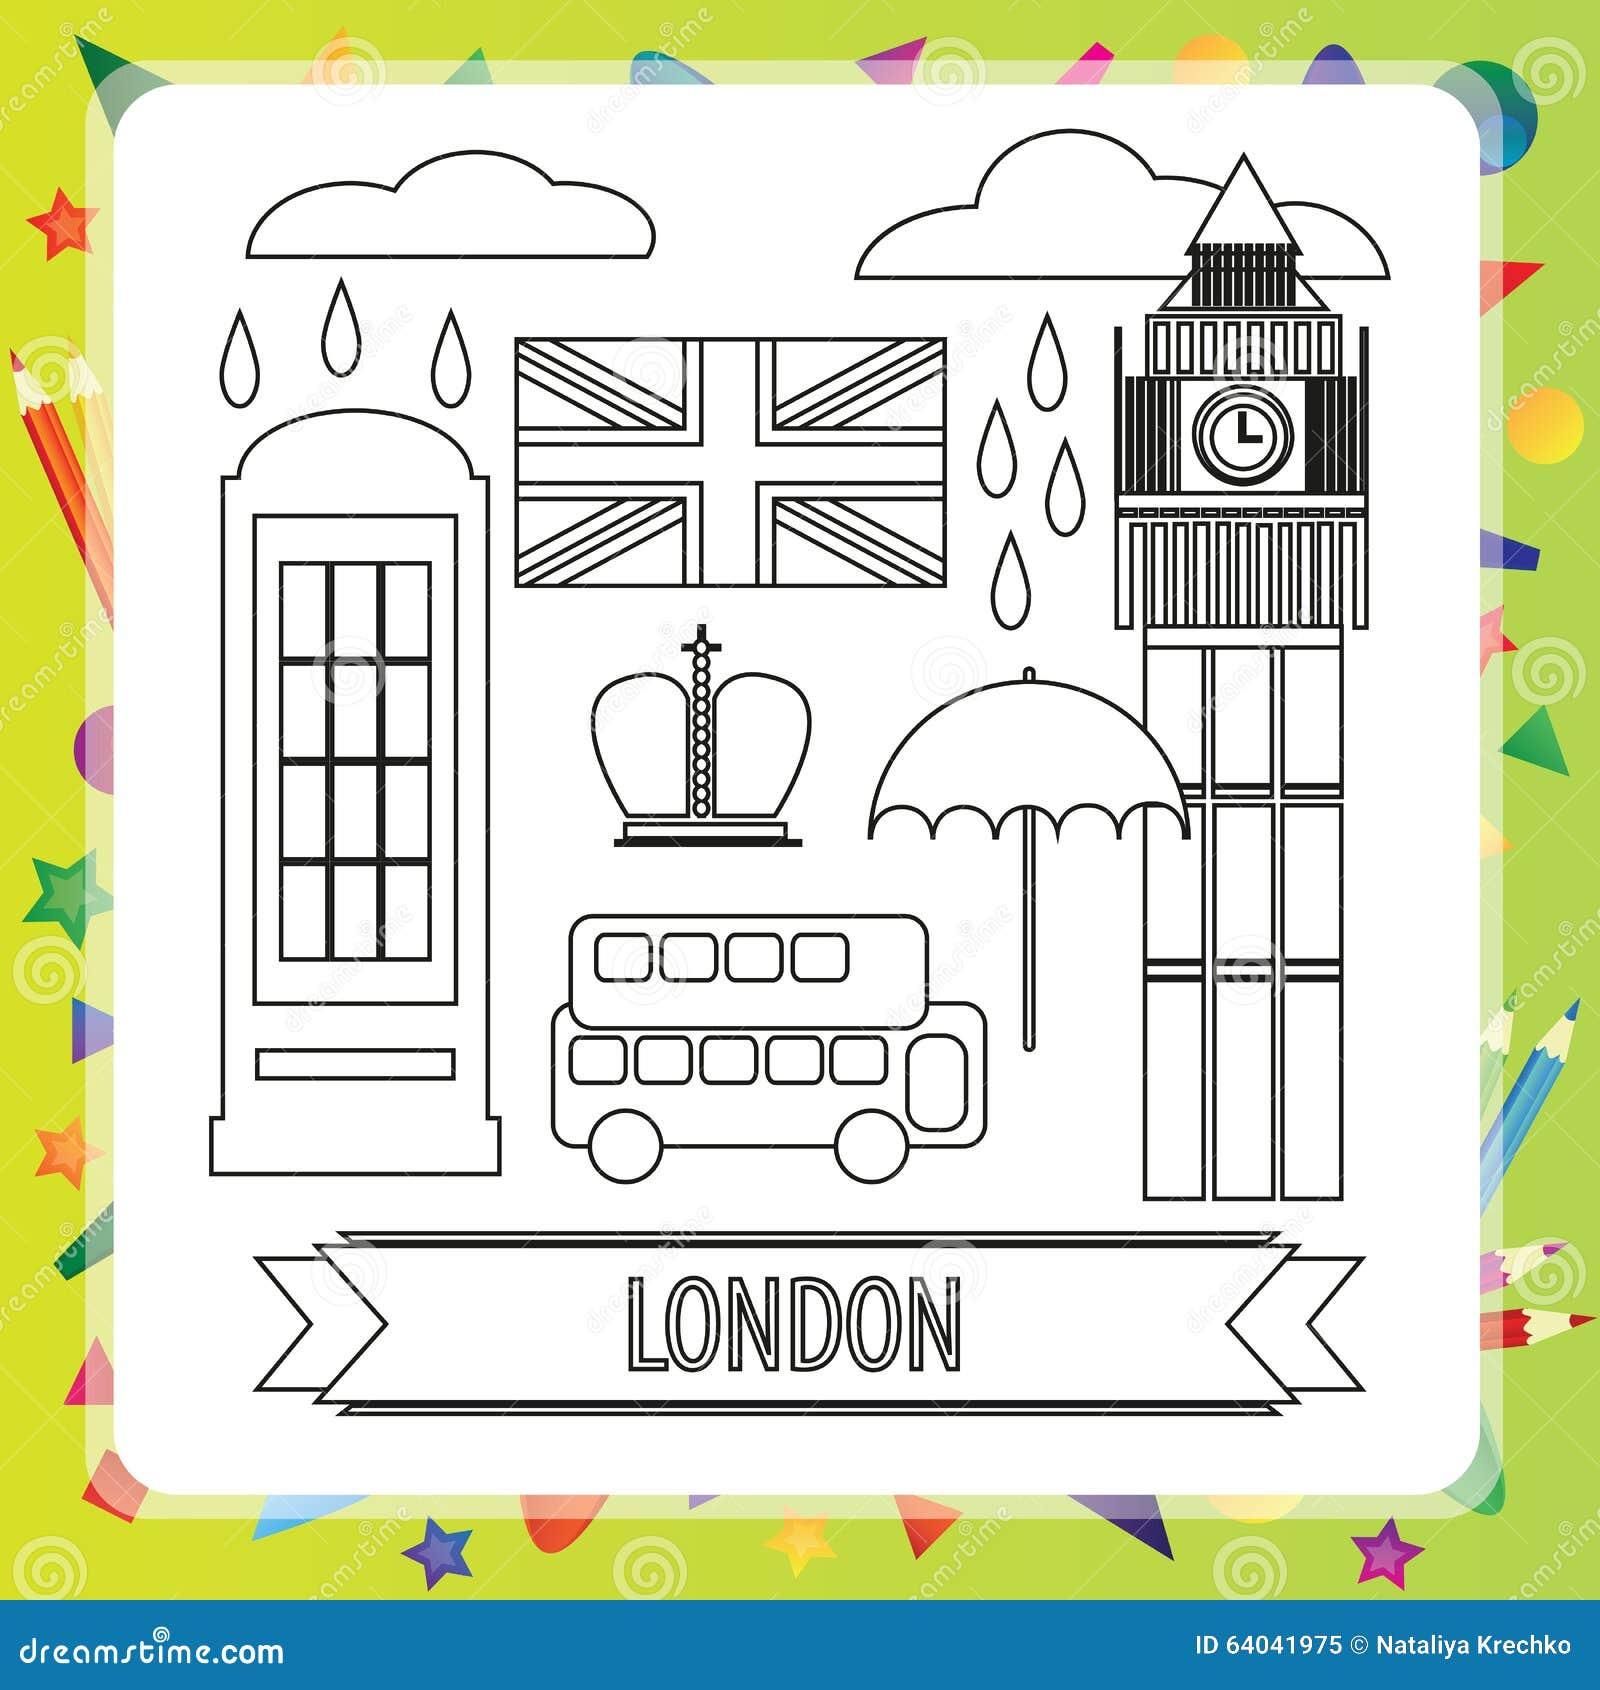 Immagini Di Londra Da Colorare.Libro Da Colorare Londra Illustrazione Vettoriale Illustrazione